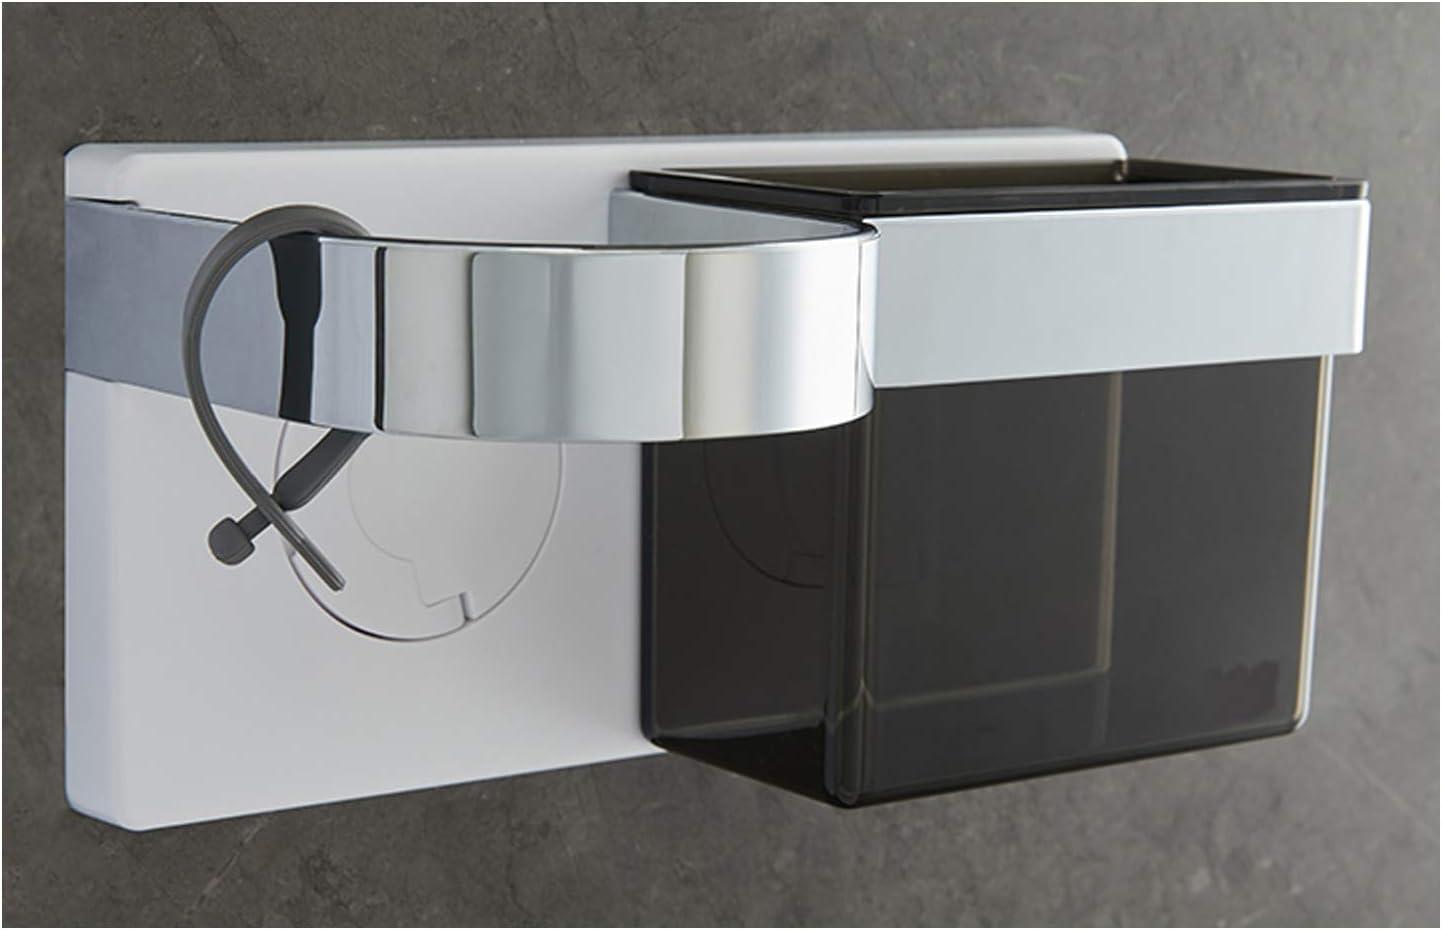 acero inoxidable Soporte para secador de pelo con soporte para ventilador sin clavos adhesivo soporte en espiral para cuarto de ba/ño montaje en pared